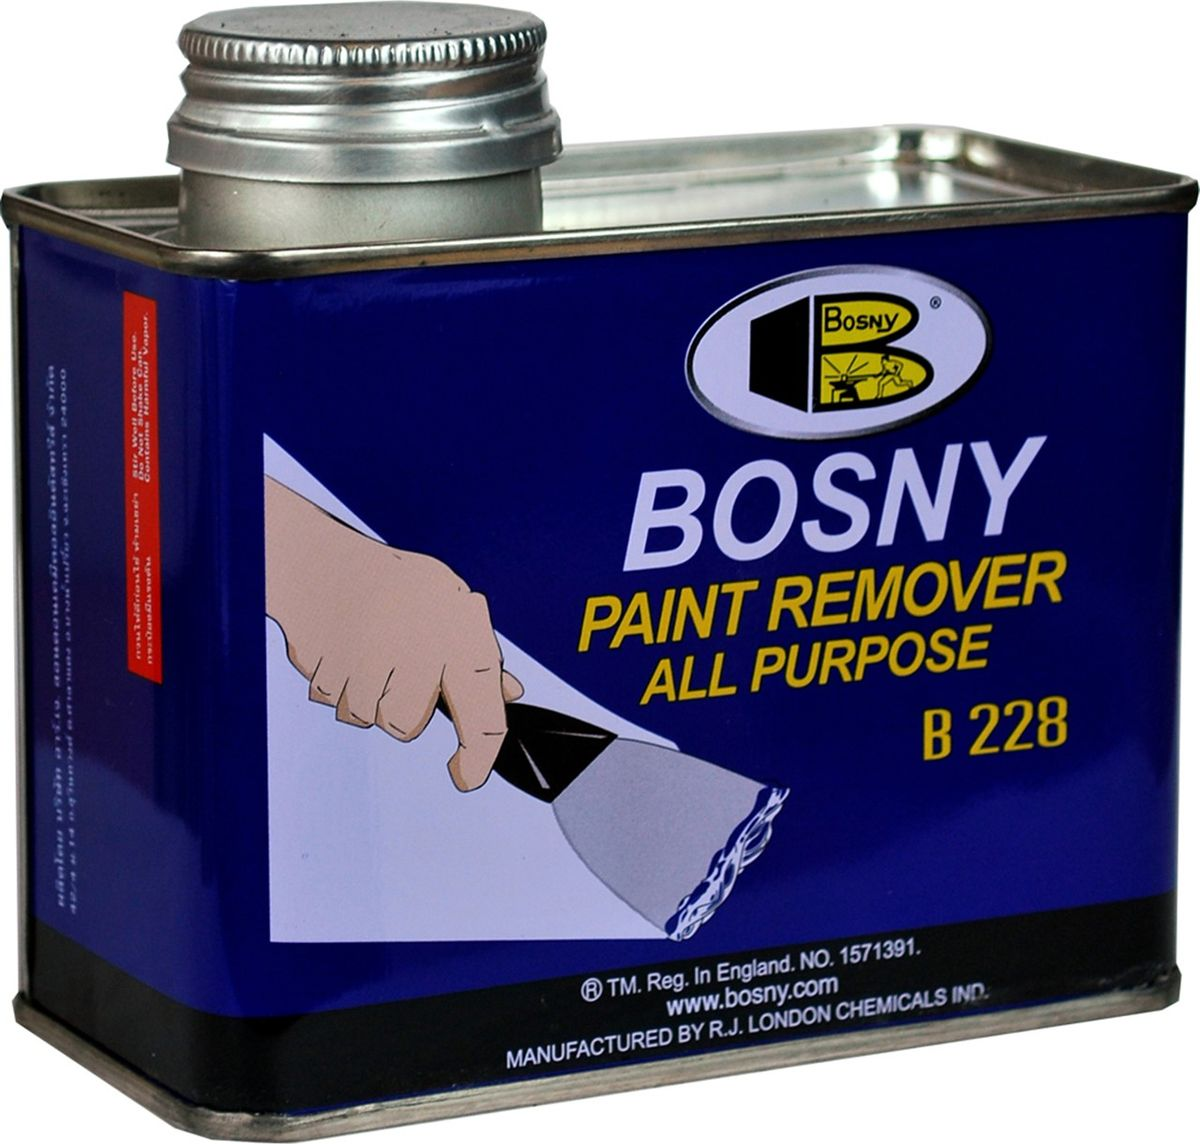 Смывка краски универсальная Bosny, гель, 400 г2615S545JBУниверсальнаясмывка краски Bosny - это мощное средствона гелевой основе. Подходит для удаления масляных красок, синтетических эмалей, различныхлаков, в том числецеллюлозных, эмалей горячей сушки, и других видов лакокрасочных покрытий. Может использоваться как для бытовых, так и для промышленных целей. Гелевая консистенция смывки имеет несколько преимуществ по сравнению с жидкими или аэрозольными составами:- После нанесения гелеобразный состав образует равномерный слой одинаковой толщины по всей поверхности. - Можно легко и точно дозировать расход материала. - Исключено попадание случайных брызг на соседние участки поверхности. - Не требует предварительного размешивания.